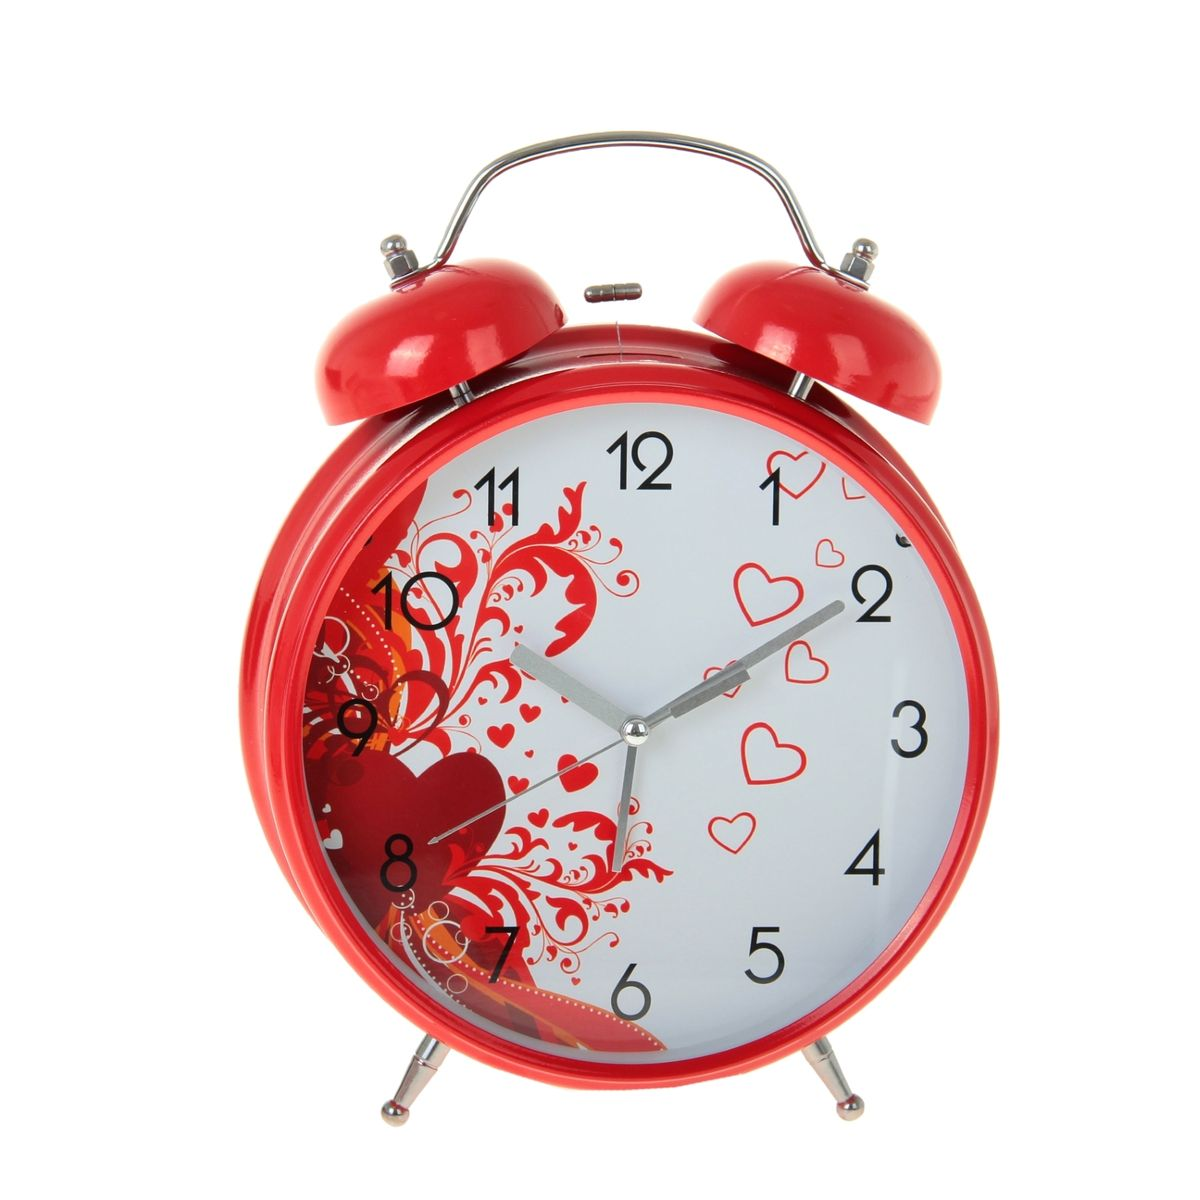 Часы-будильник Sima-land Ажурные сердца92266Как же сложно иногда вставать вовремя! Всегда так хочется поспать еще хотя бы 5 минут и бывает, что мы просыпаем. Теперь этого не случится! Яркий, оригинальный будильник Sima-land Ажурные сердца поможет вам всегда вставать в нужное время и успевать везде и всюду.Корпус будильника выполнен из металла. Циферблат имеет индикацию арабскими цифрами. Часы снабжены 4 стрелками (секундная, минутная, часовая и для будильника). На задней панели будильника расположен переключатель включения/выключения механизма, а также два колесика для настройки текущего времени и времени звонка будильника. Также будильник оснащен кнопкой, при нажатии которой подсвечивается циферблат.Пользоваться будильником очень легко: нужно всего лишь поставить батарейки, настроить точное время и установить время звонка. Необходимо докупить 3 батарейки типа АА (не входят в комплект).